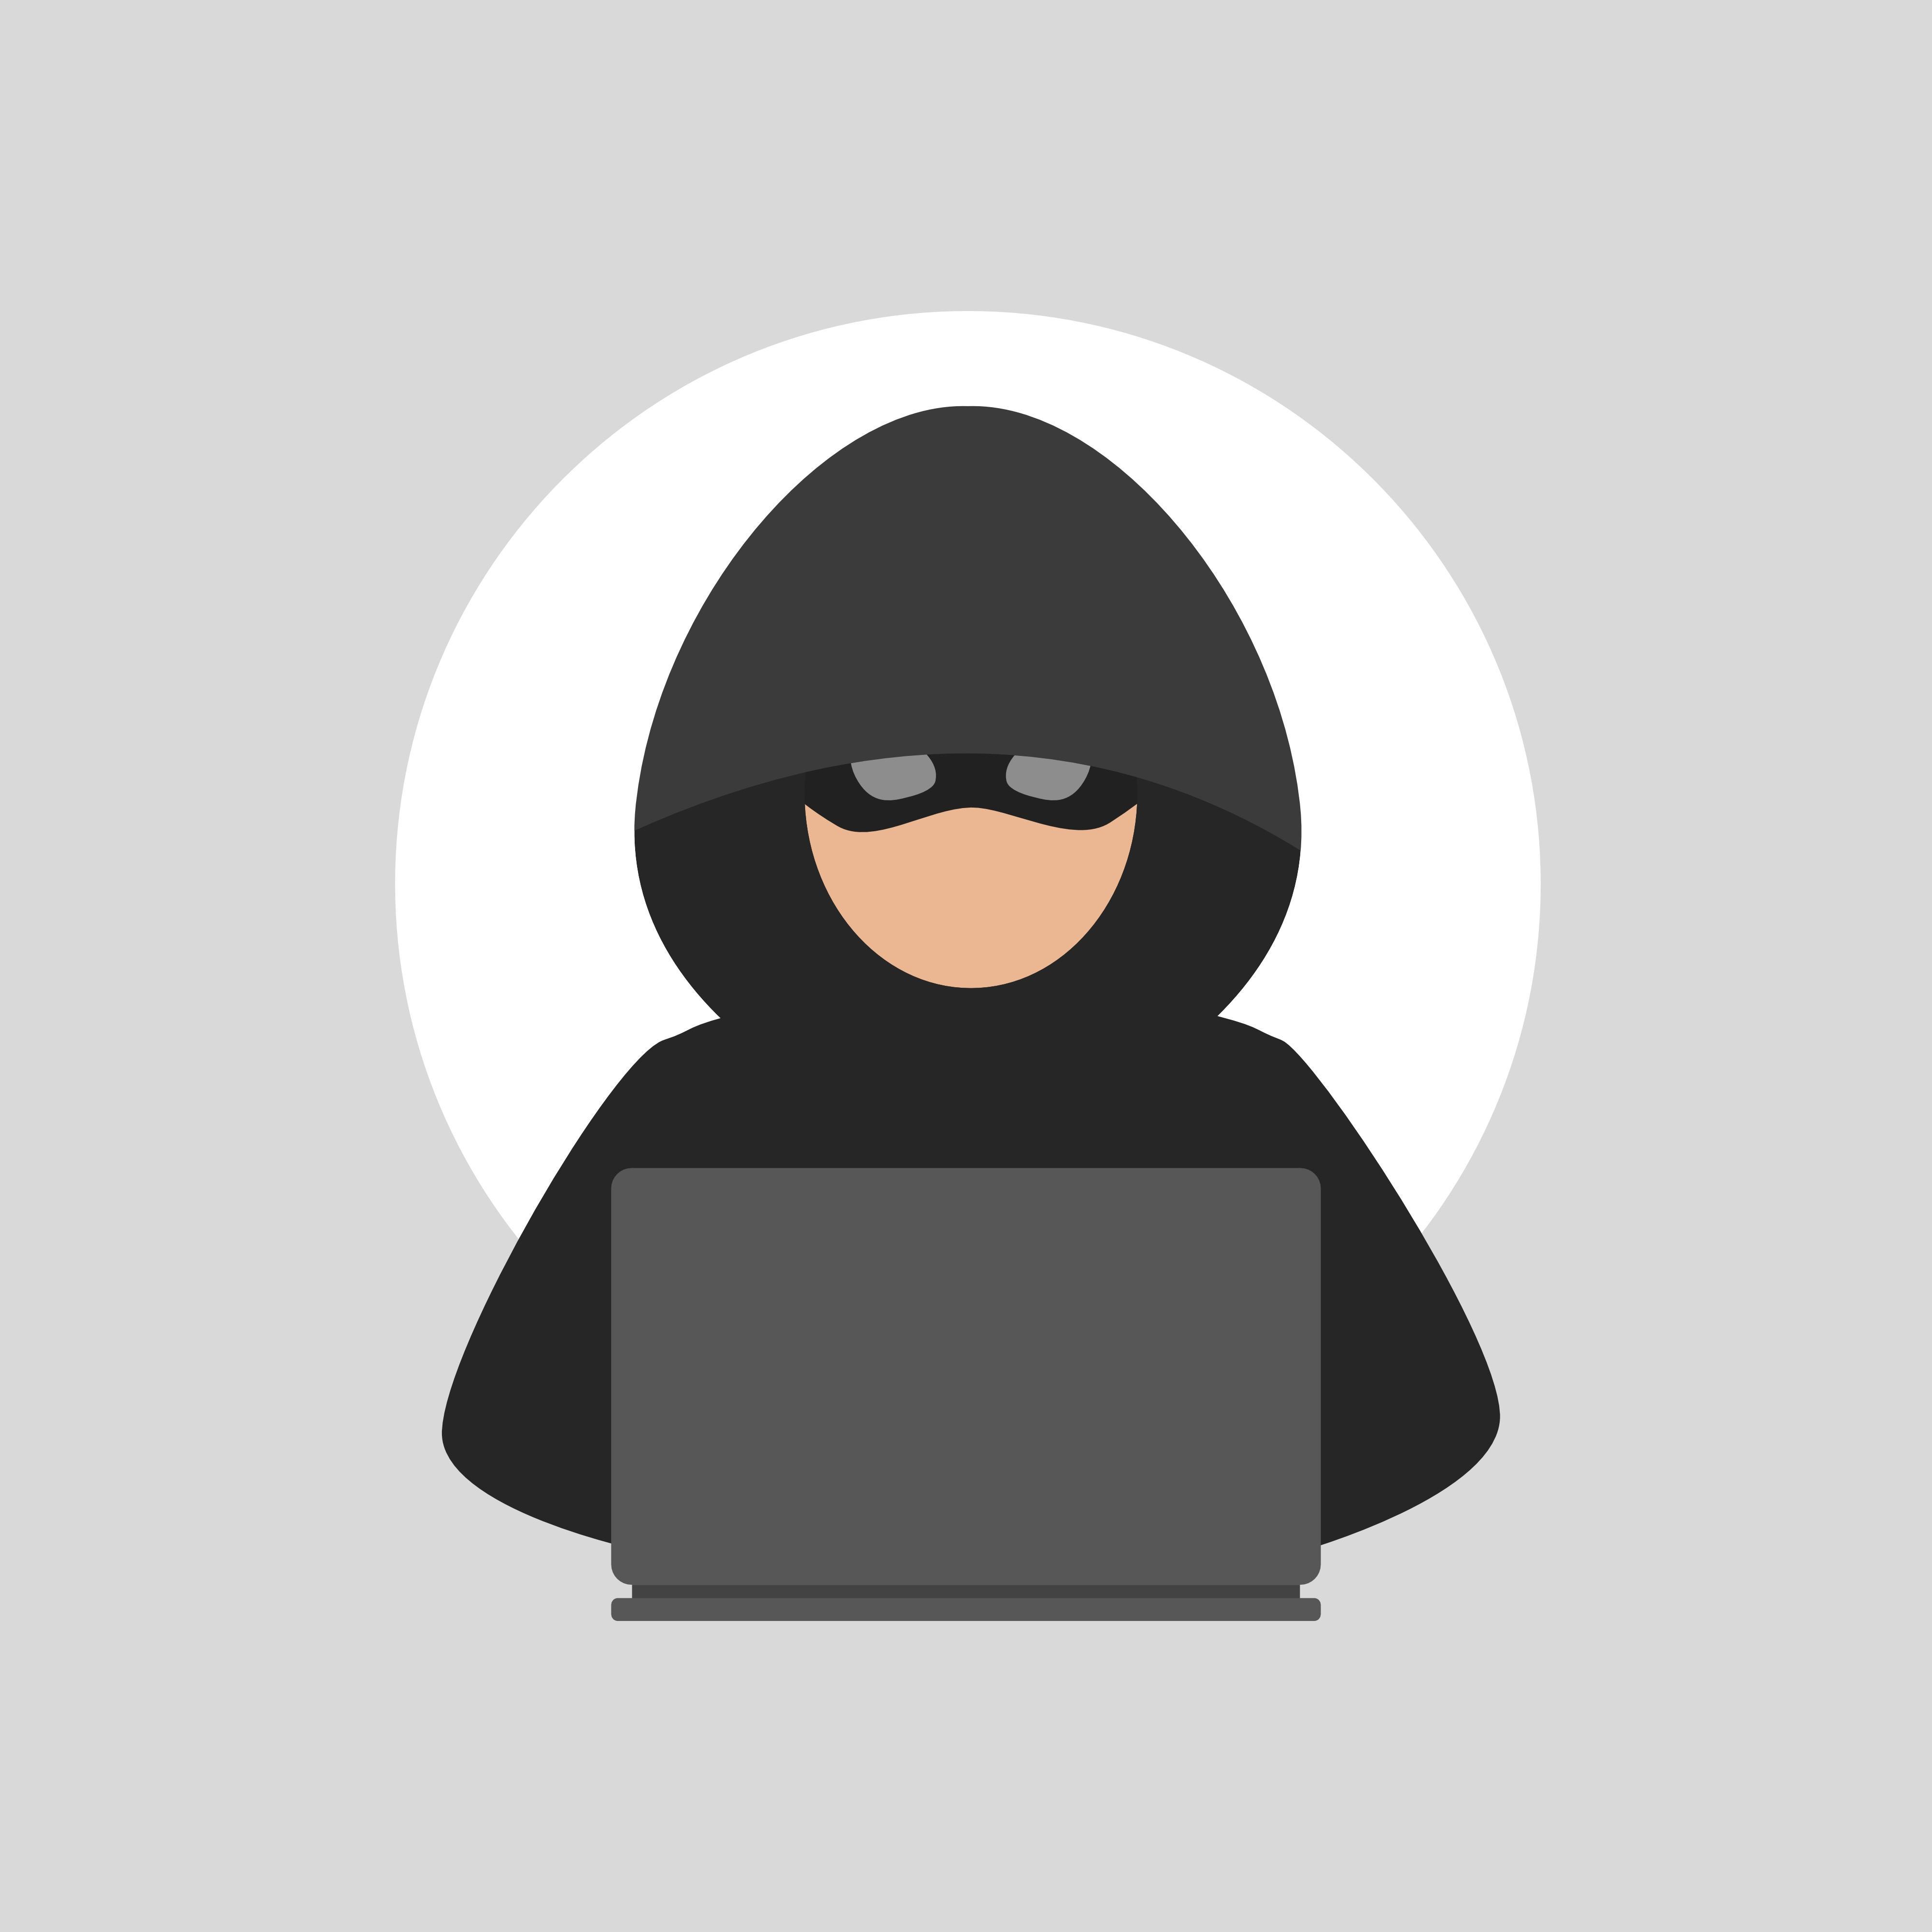 Internetcriminelen shoppen ook met Black Friday, zo kan je oplichting herkennen